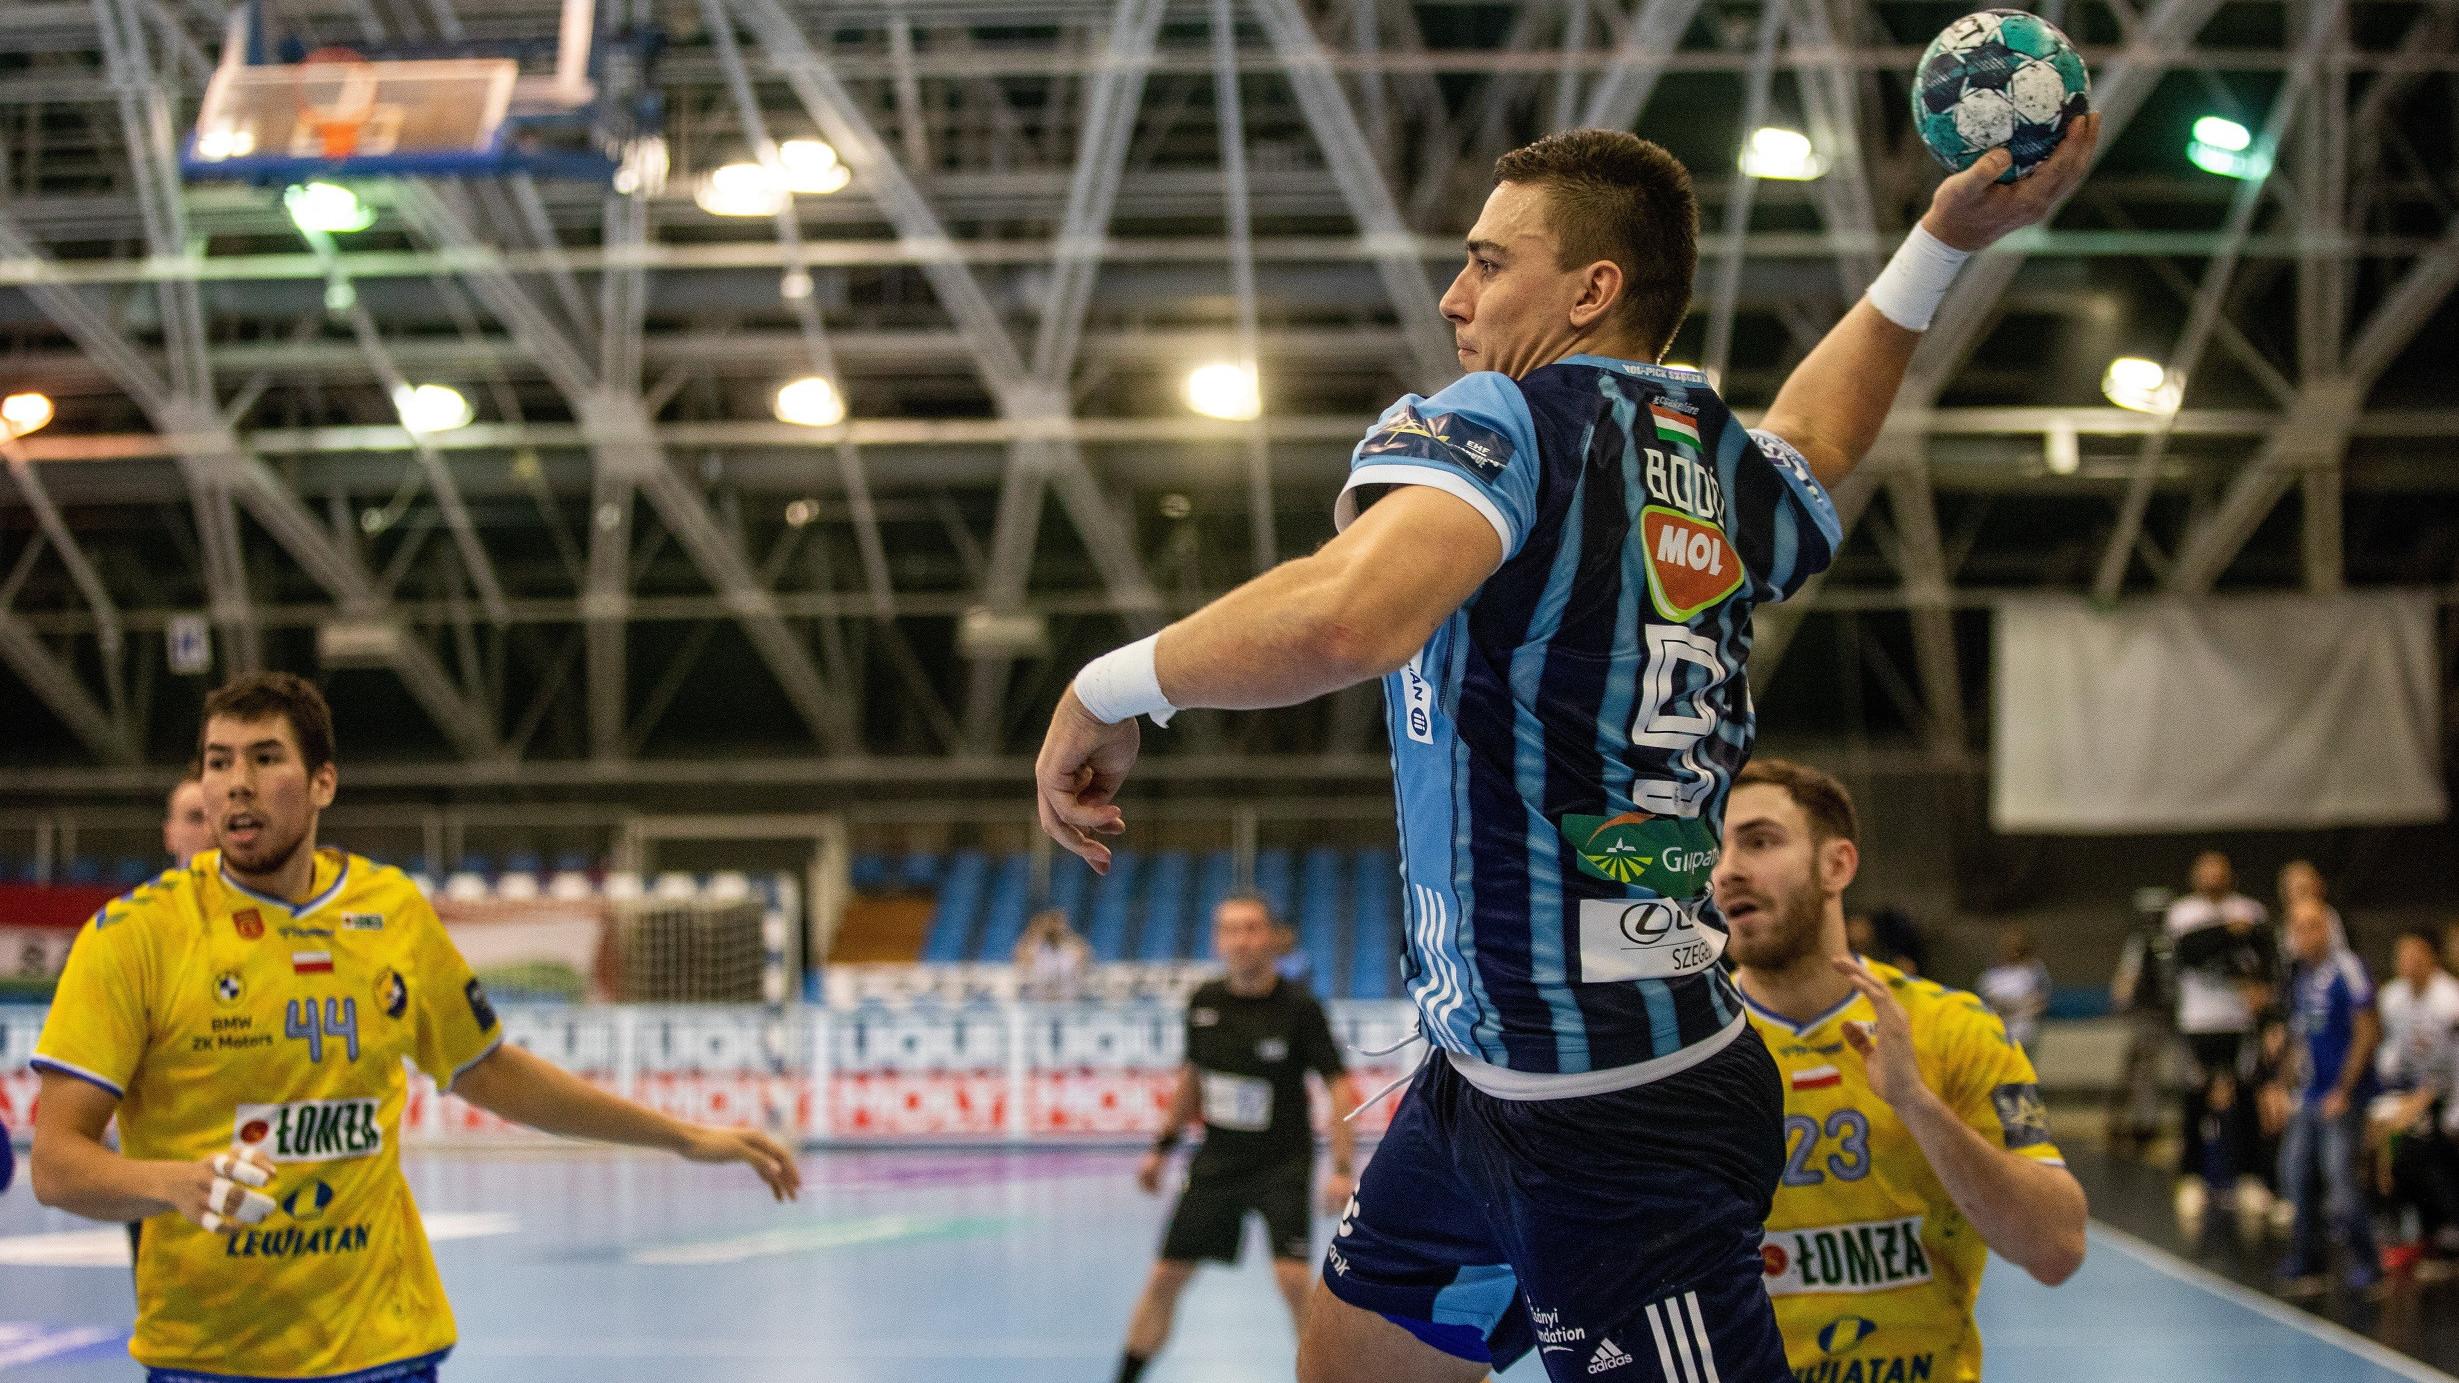 Játék nélküli Szeged győzelem a Bajnokok Ligájában